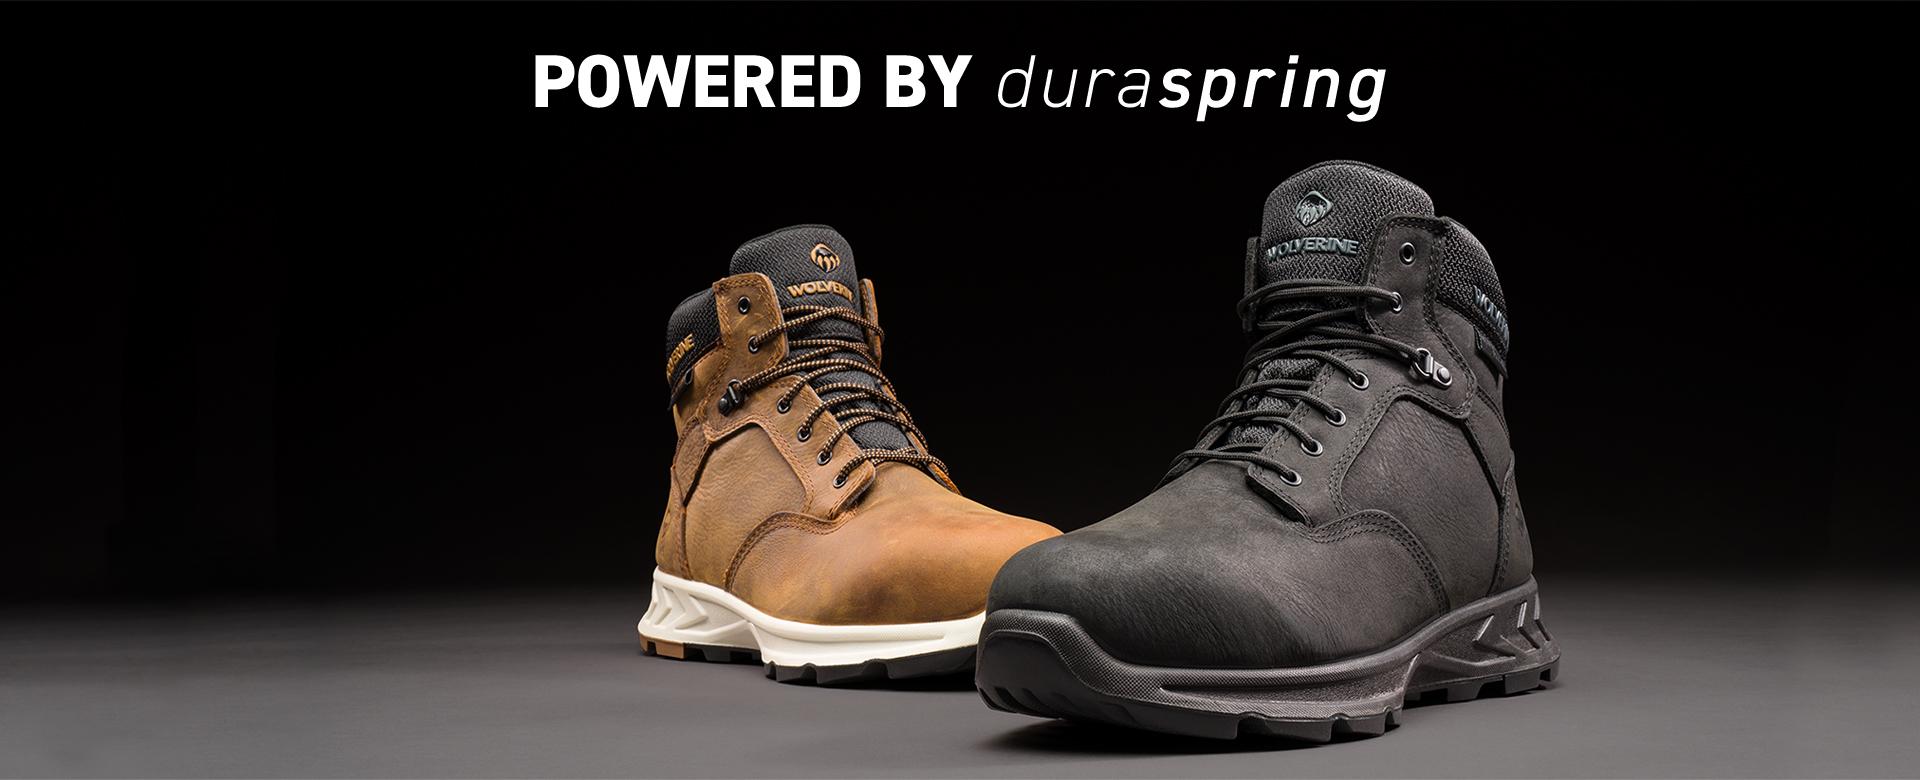 Acumulación convergencia Y así  Official Wolverine.com: Tough Work Boots, Shoes, & Clothing